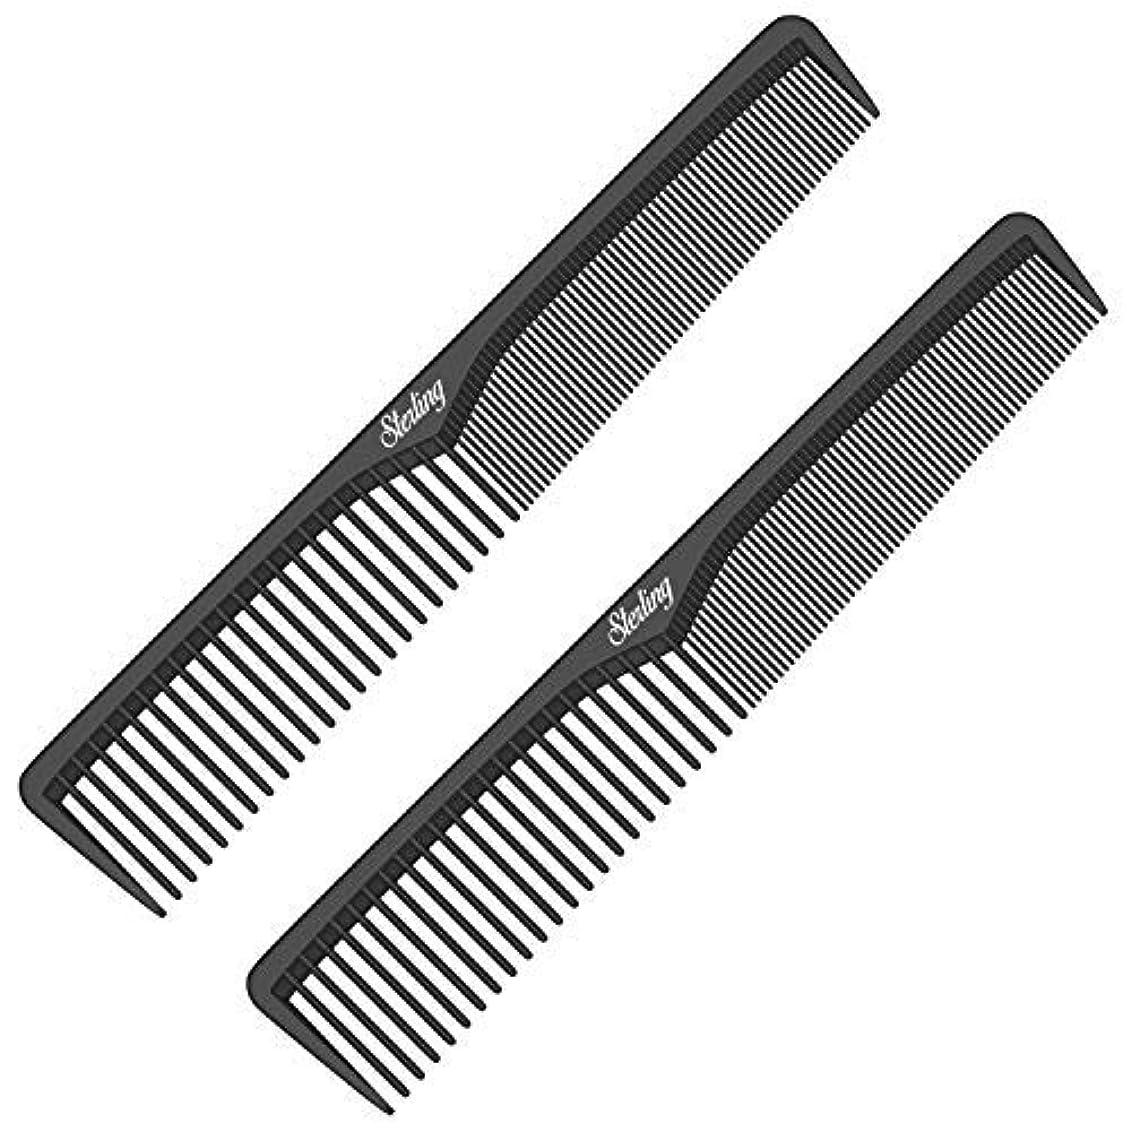 司書ヒューズ音Styling Comb (2 Pack)   Professional 7  Black Carbon Fiber Anti Static Chemical And Heat Resistant Combs For All...